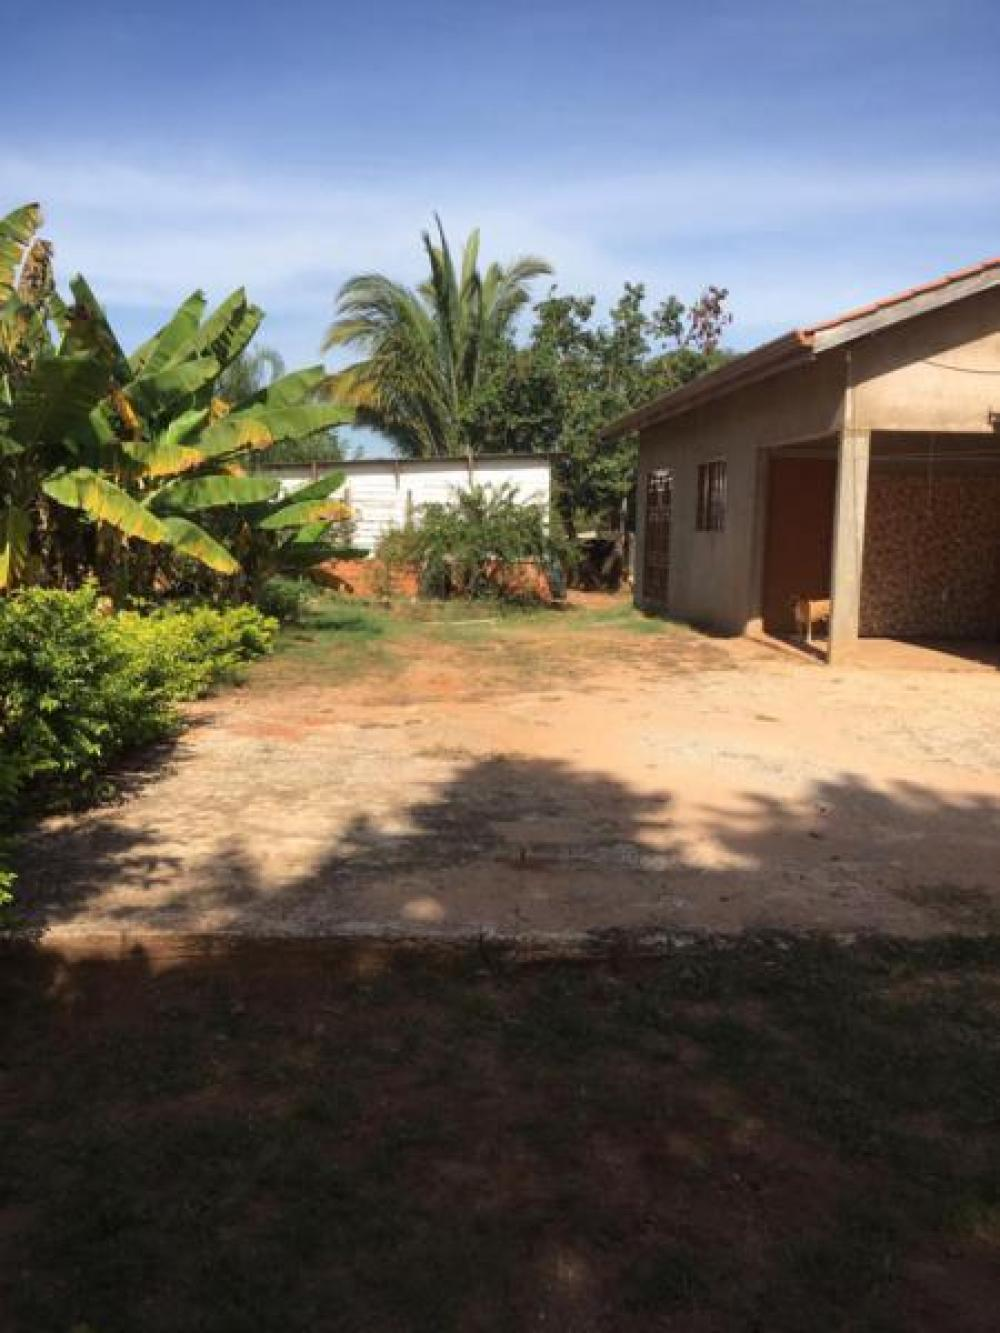 Comprar Rural / Chácara em São José do Rio Preto R$ 600.000,00 - Foto 11